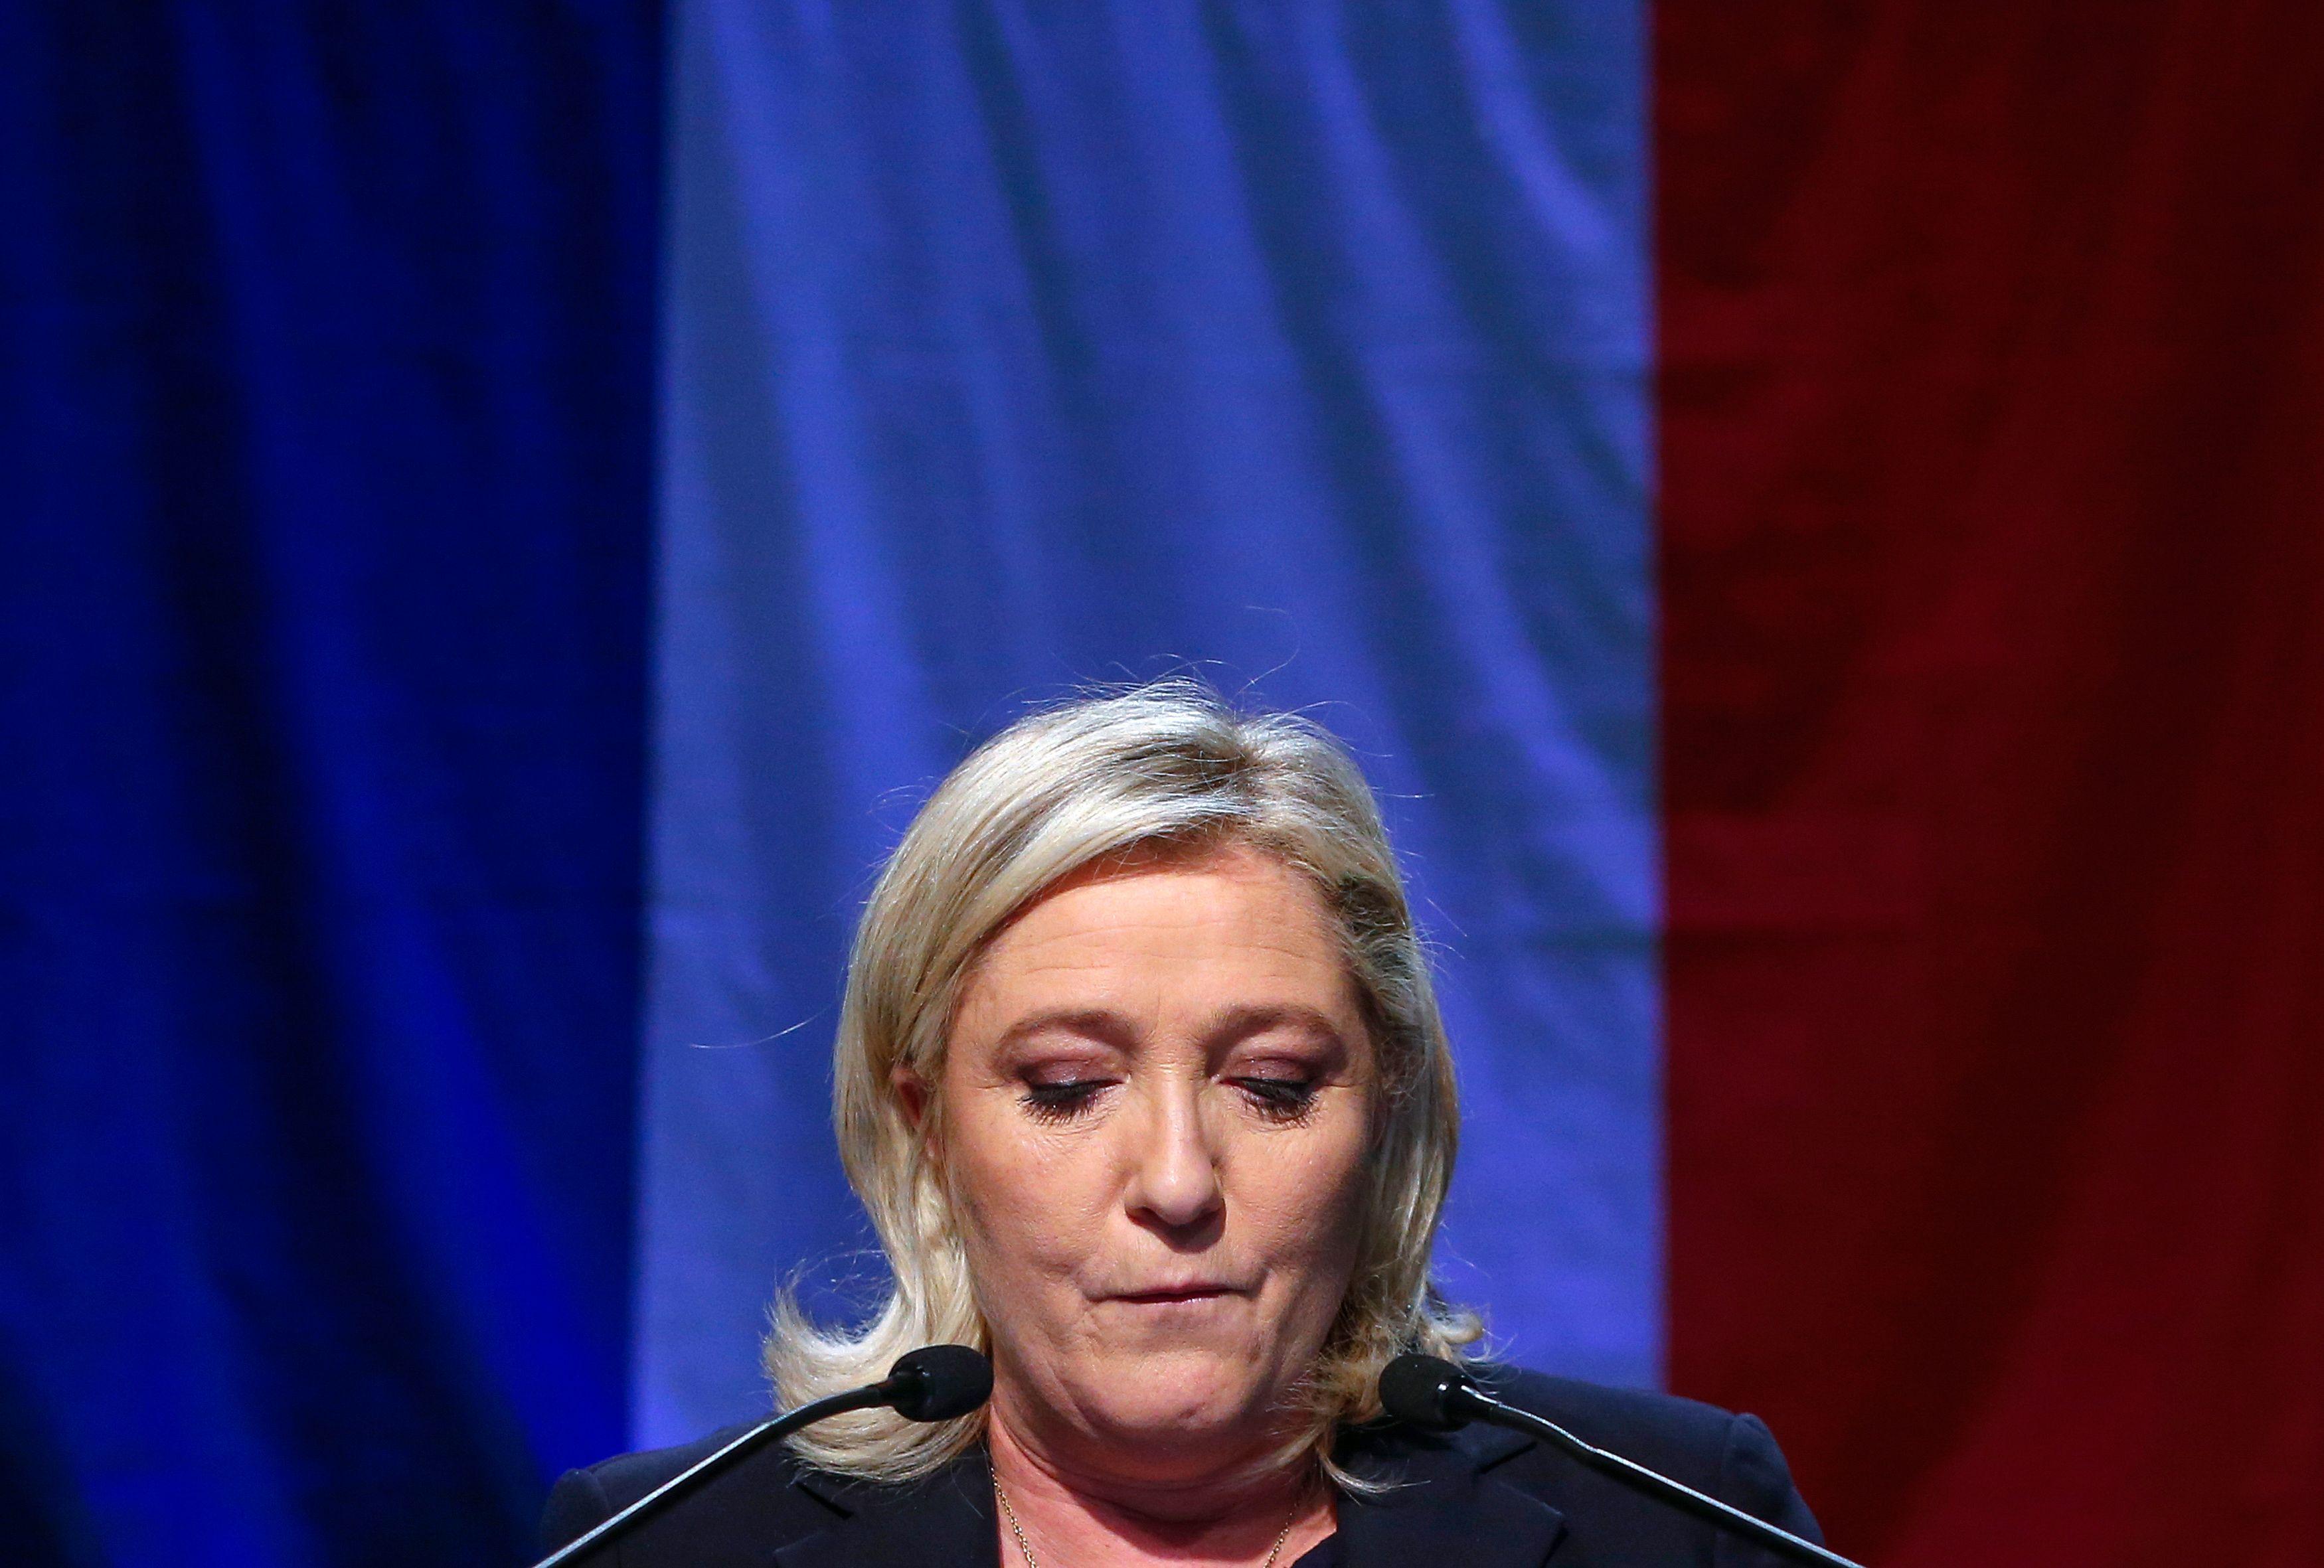 Affaire des assistants parlementaires : Marine Le Pen mise en examen pour abus de confiance